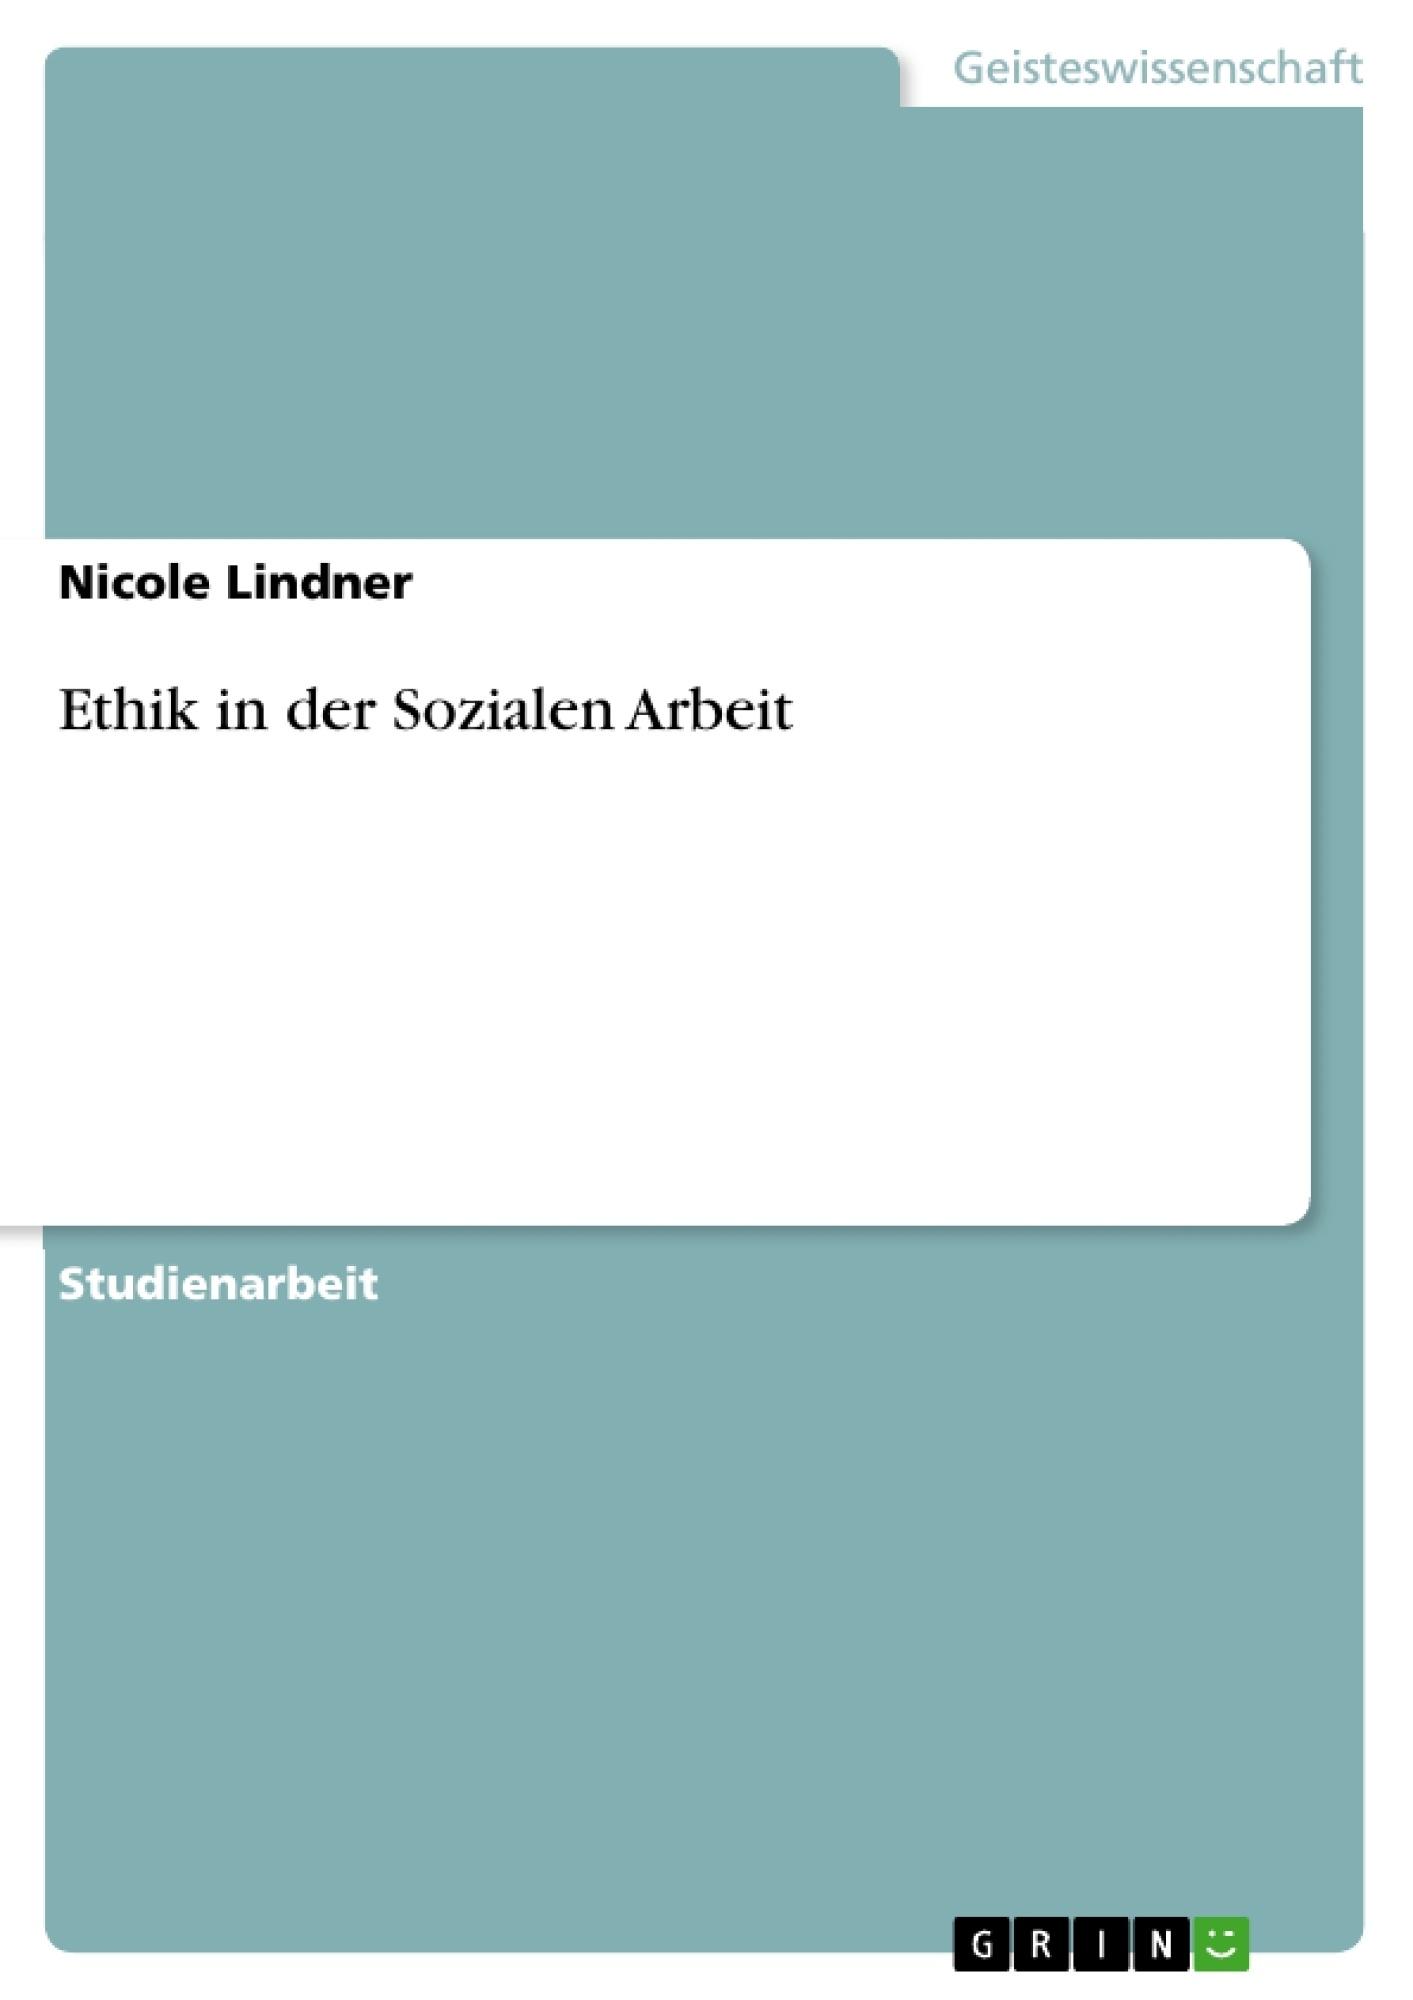 Titel: Ethik in der Sozialen Arbeit